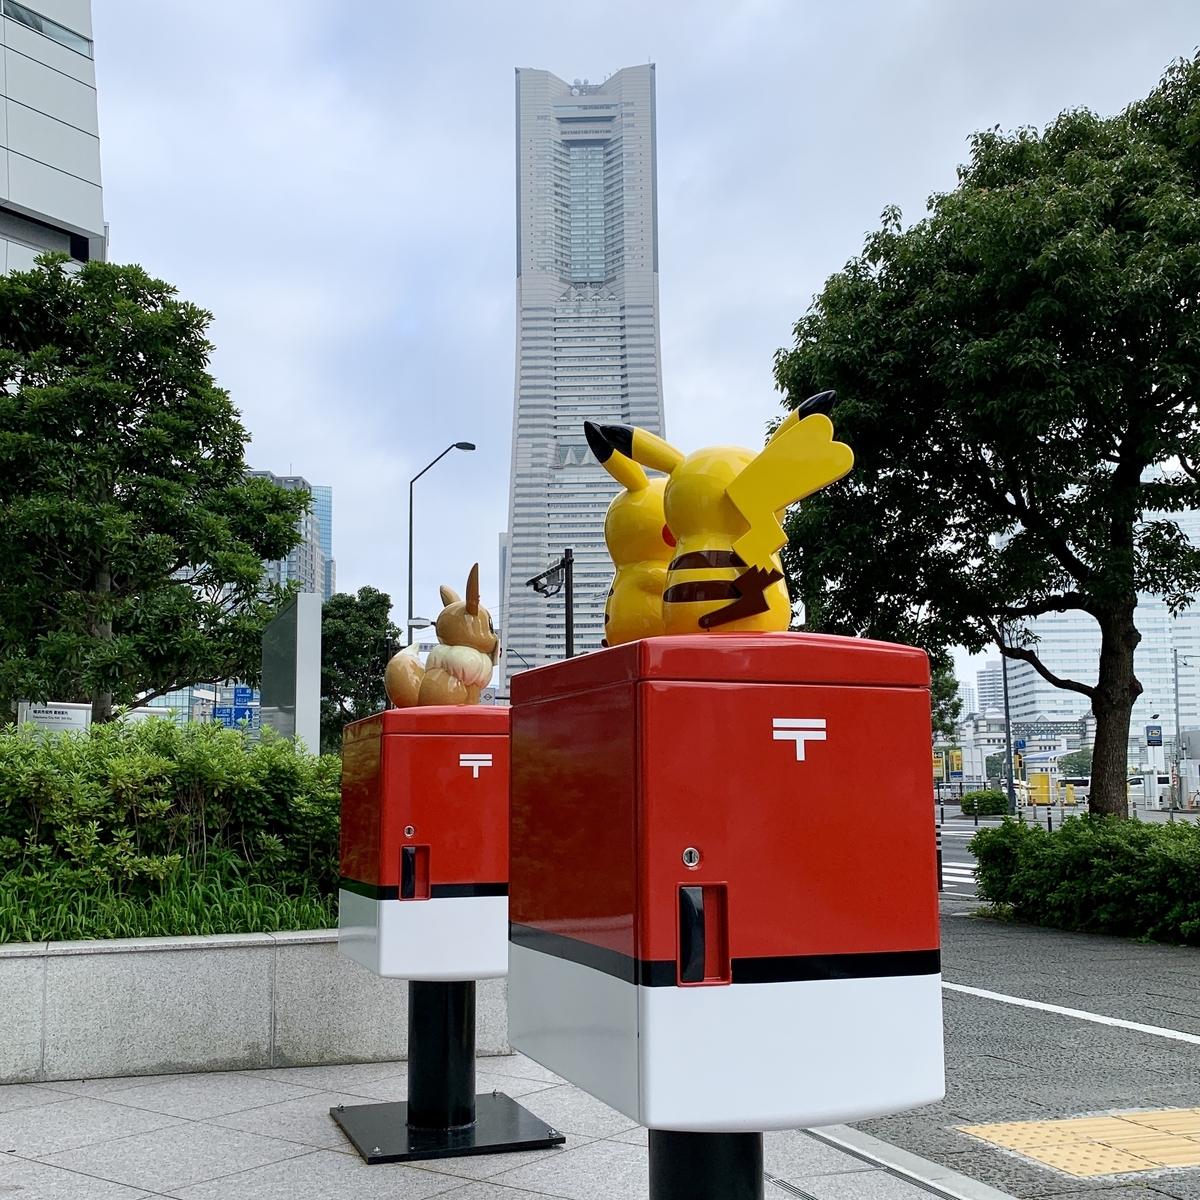 f:id:pikachu_pcn:20210711143042j:plain